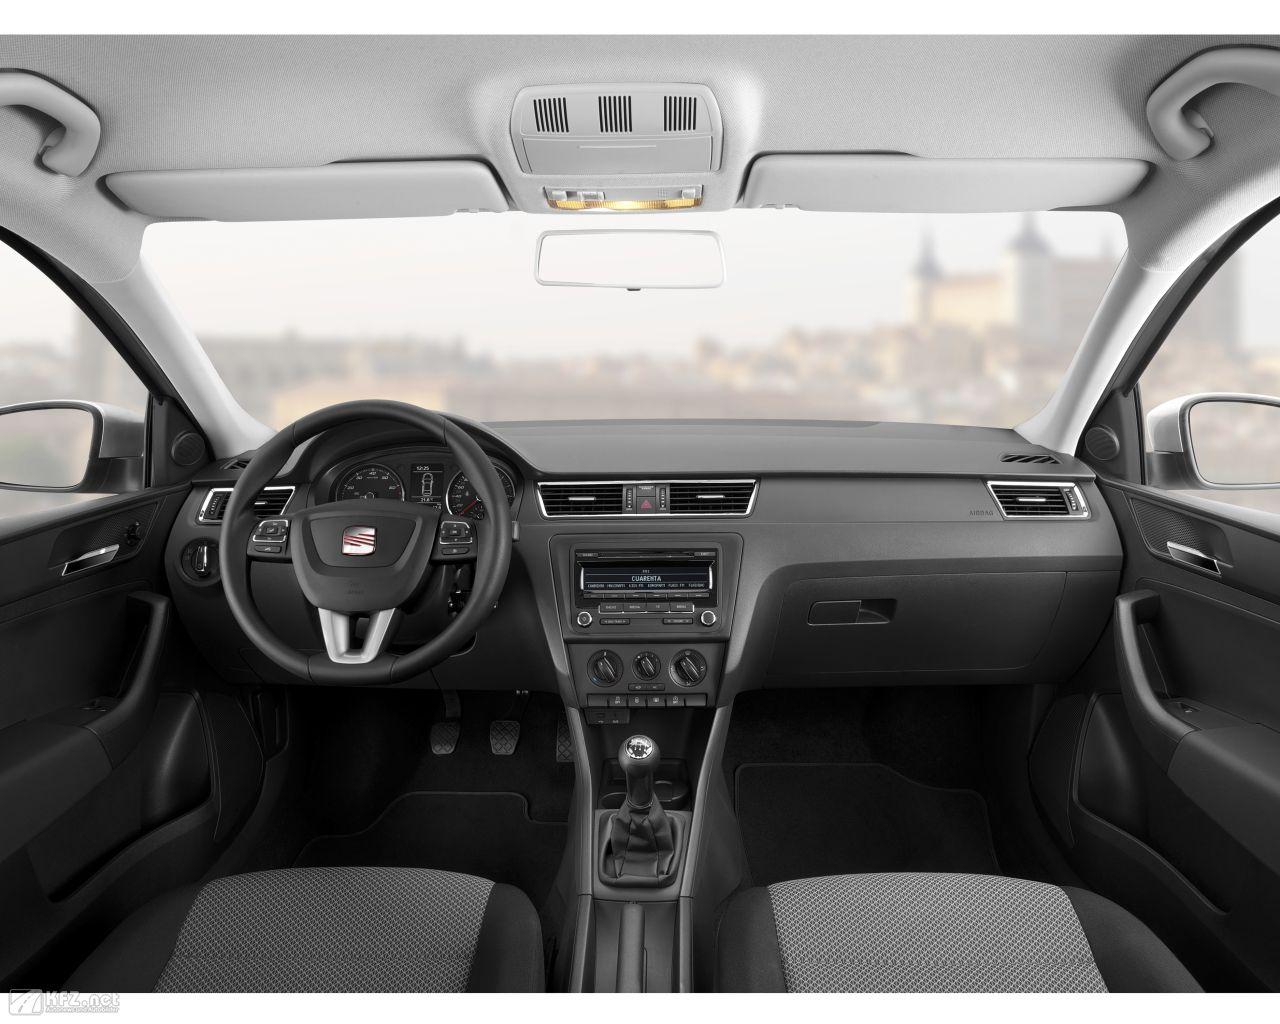 seat-toledo-1280x1024-4